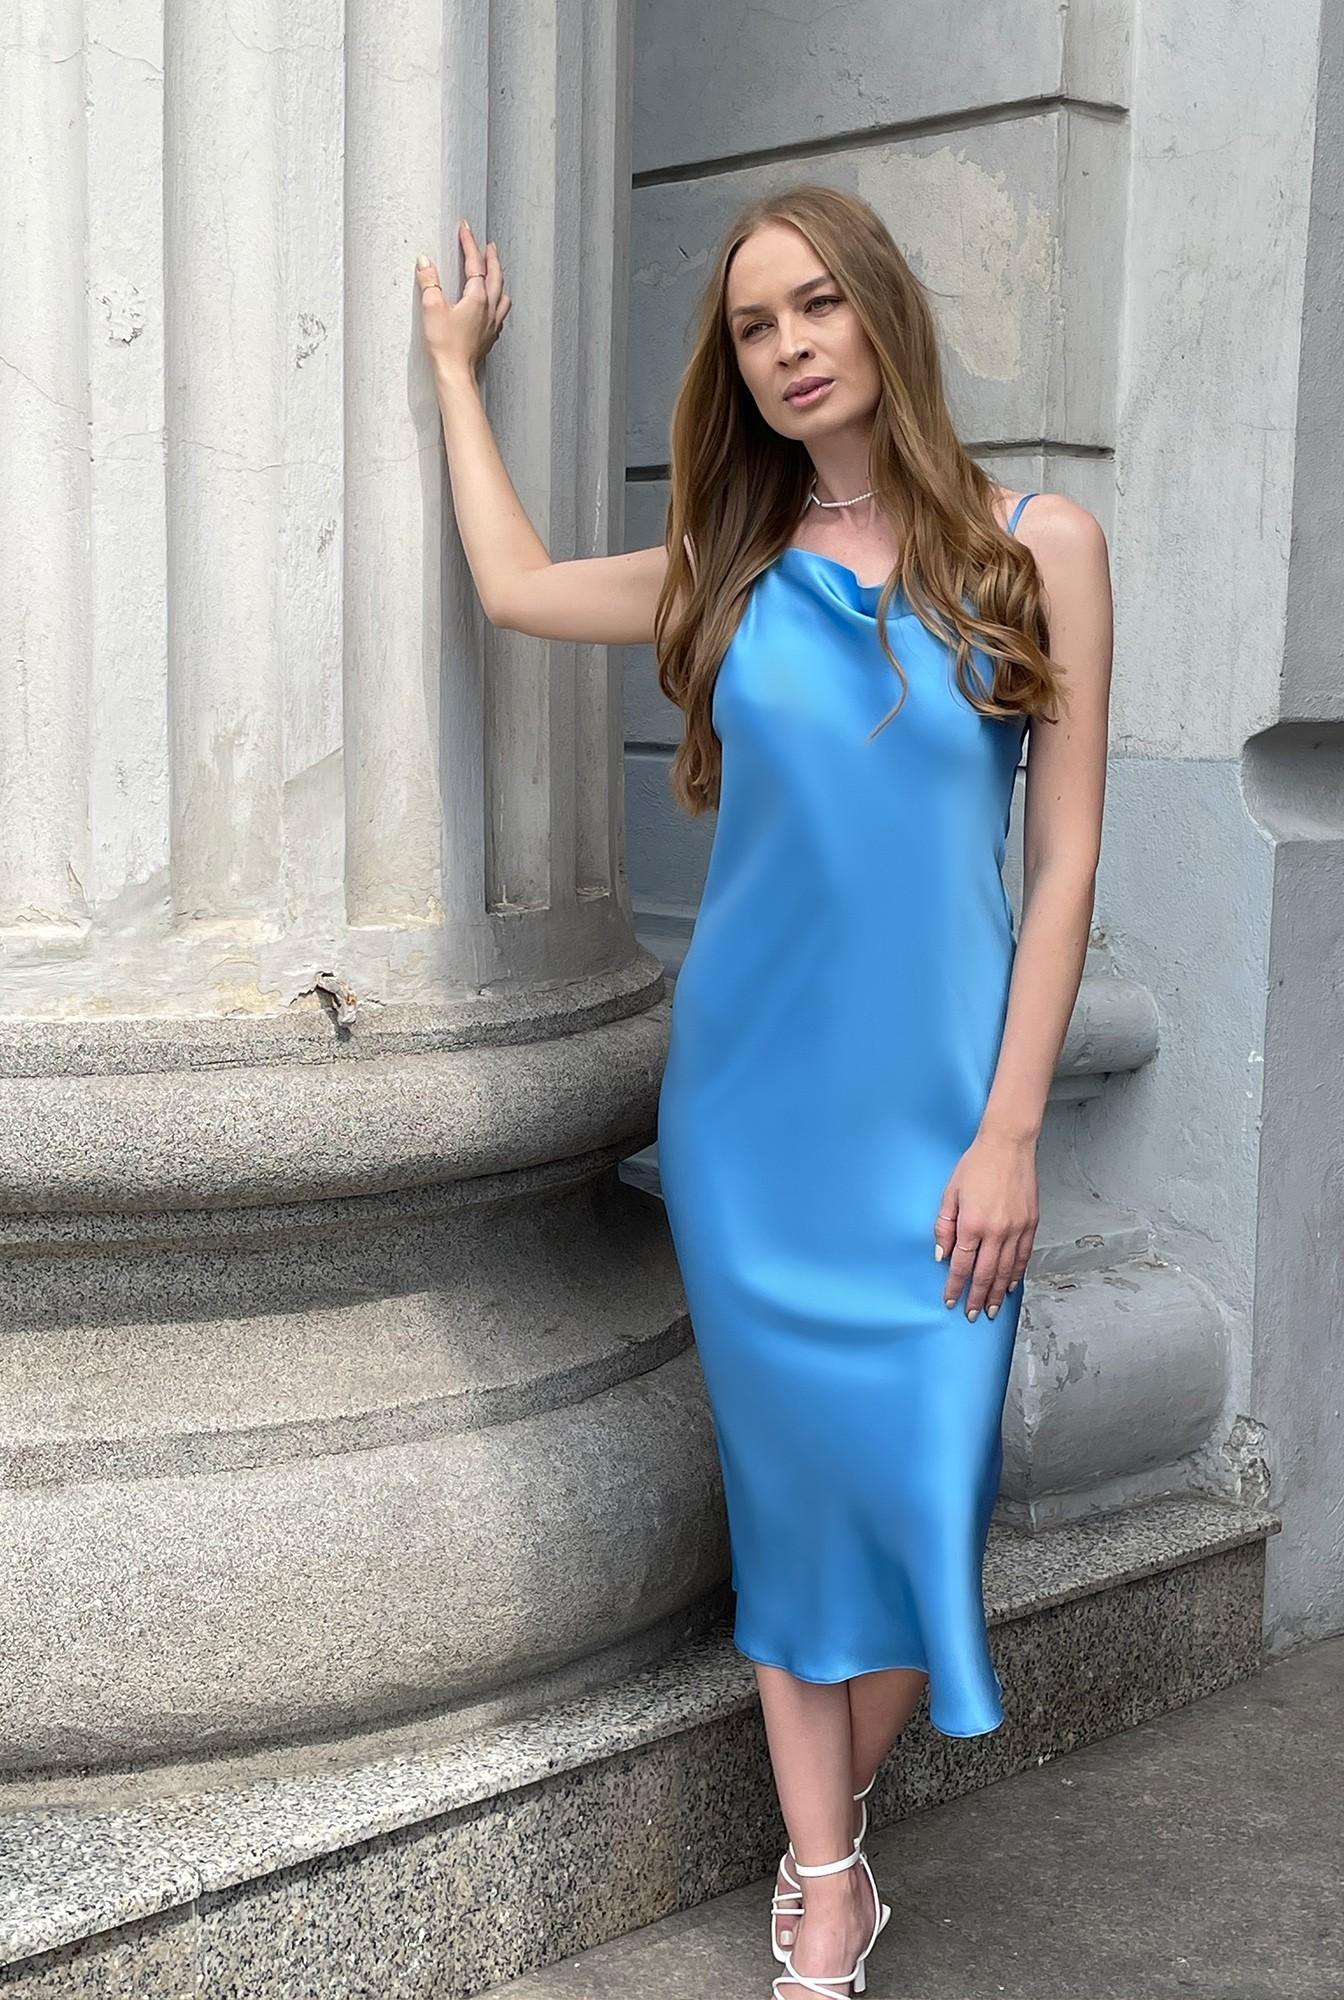 0 - rochie bleu, cu bretele subtiri, Poema